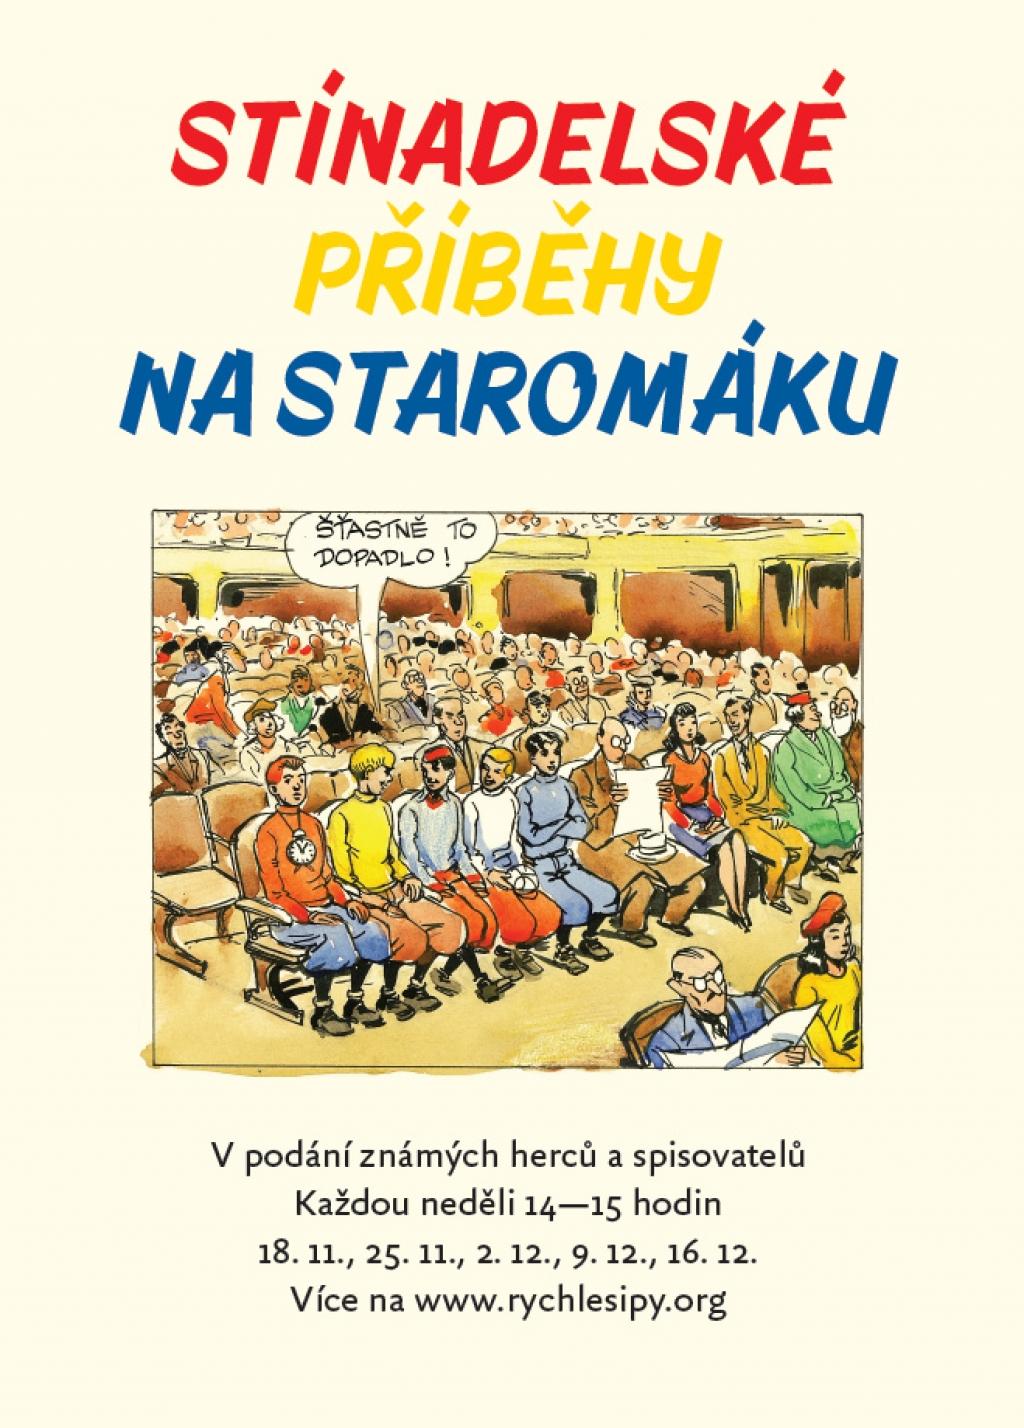 Čtení ze Stínadelské trilogie